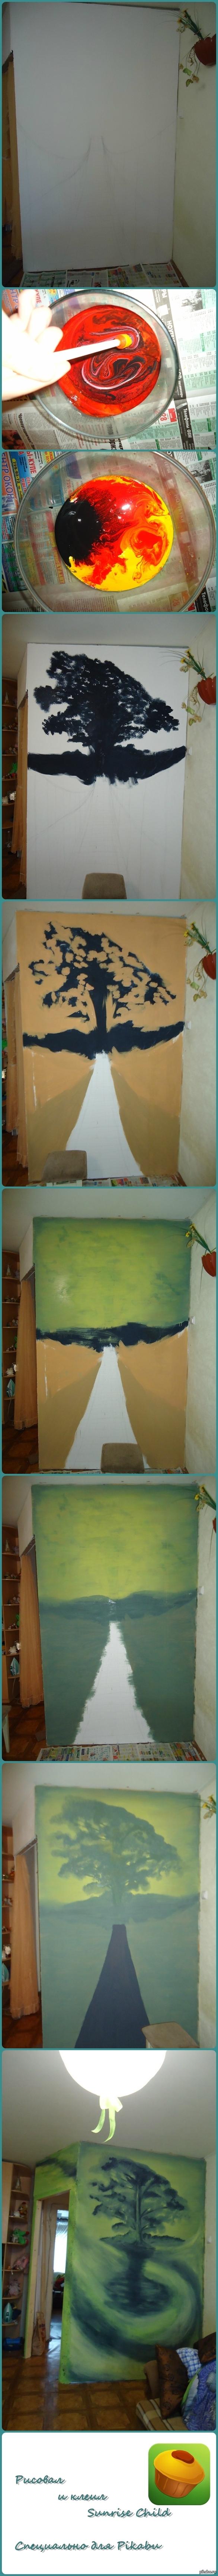 """Длинный пост. Про то как я """"изуродовал"""" стенку в квартире. Сначала я эту стенку построил, потом решил, что будет скучно. И нарисовал на ней, зеленое пятно =)"""